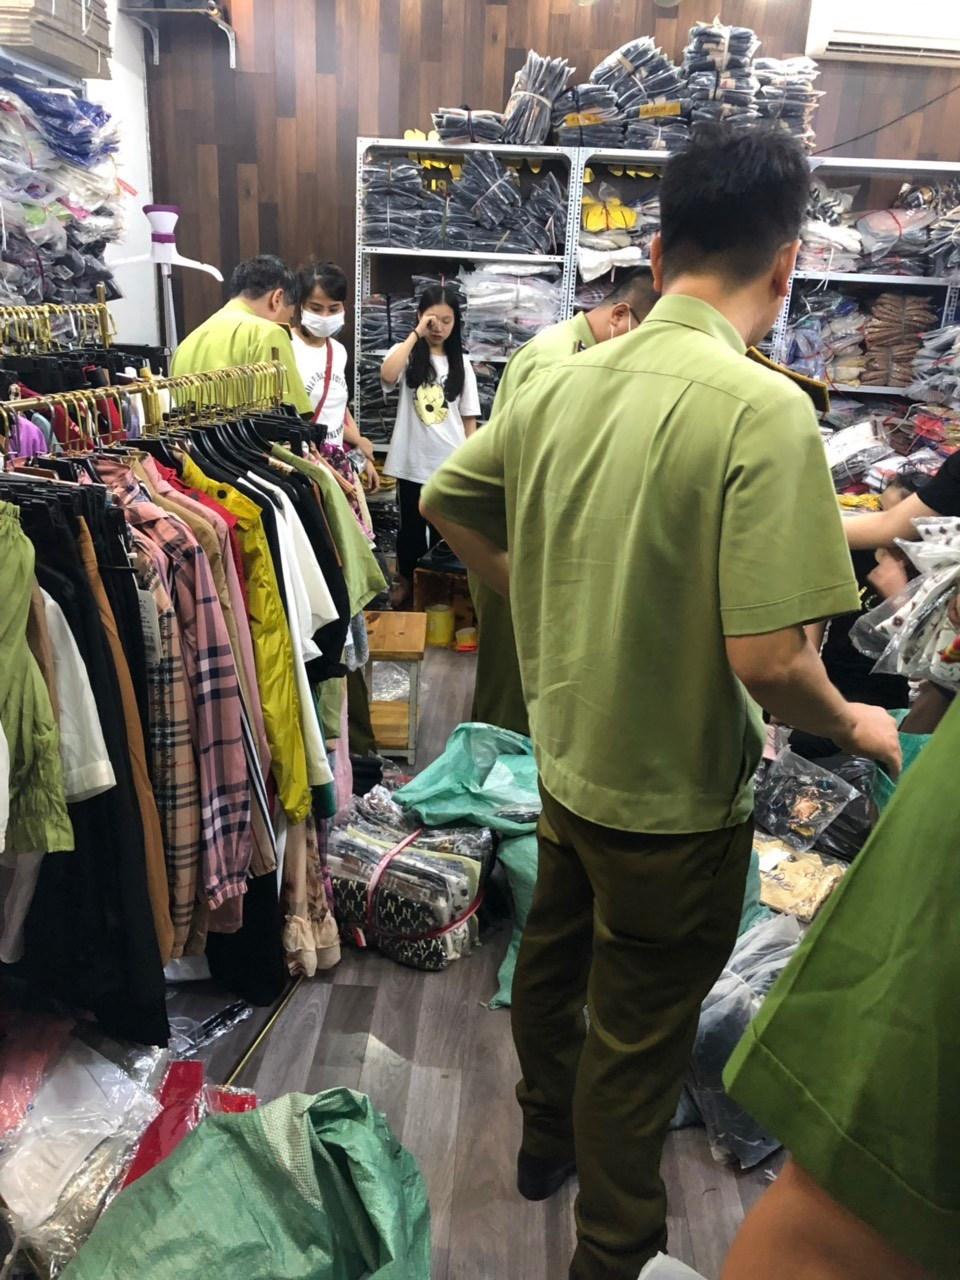 Hà Nội: Tạm giữ hàng nghìn sản phẩm giả mạo các nhãn hiệu thời trang nổi tiếng